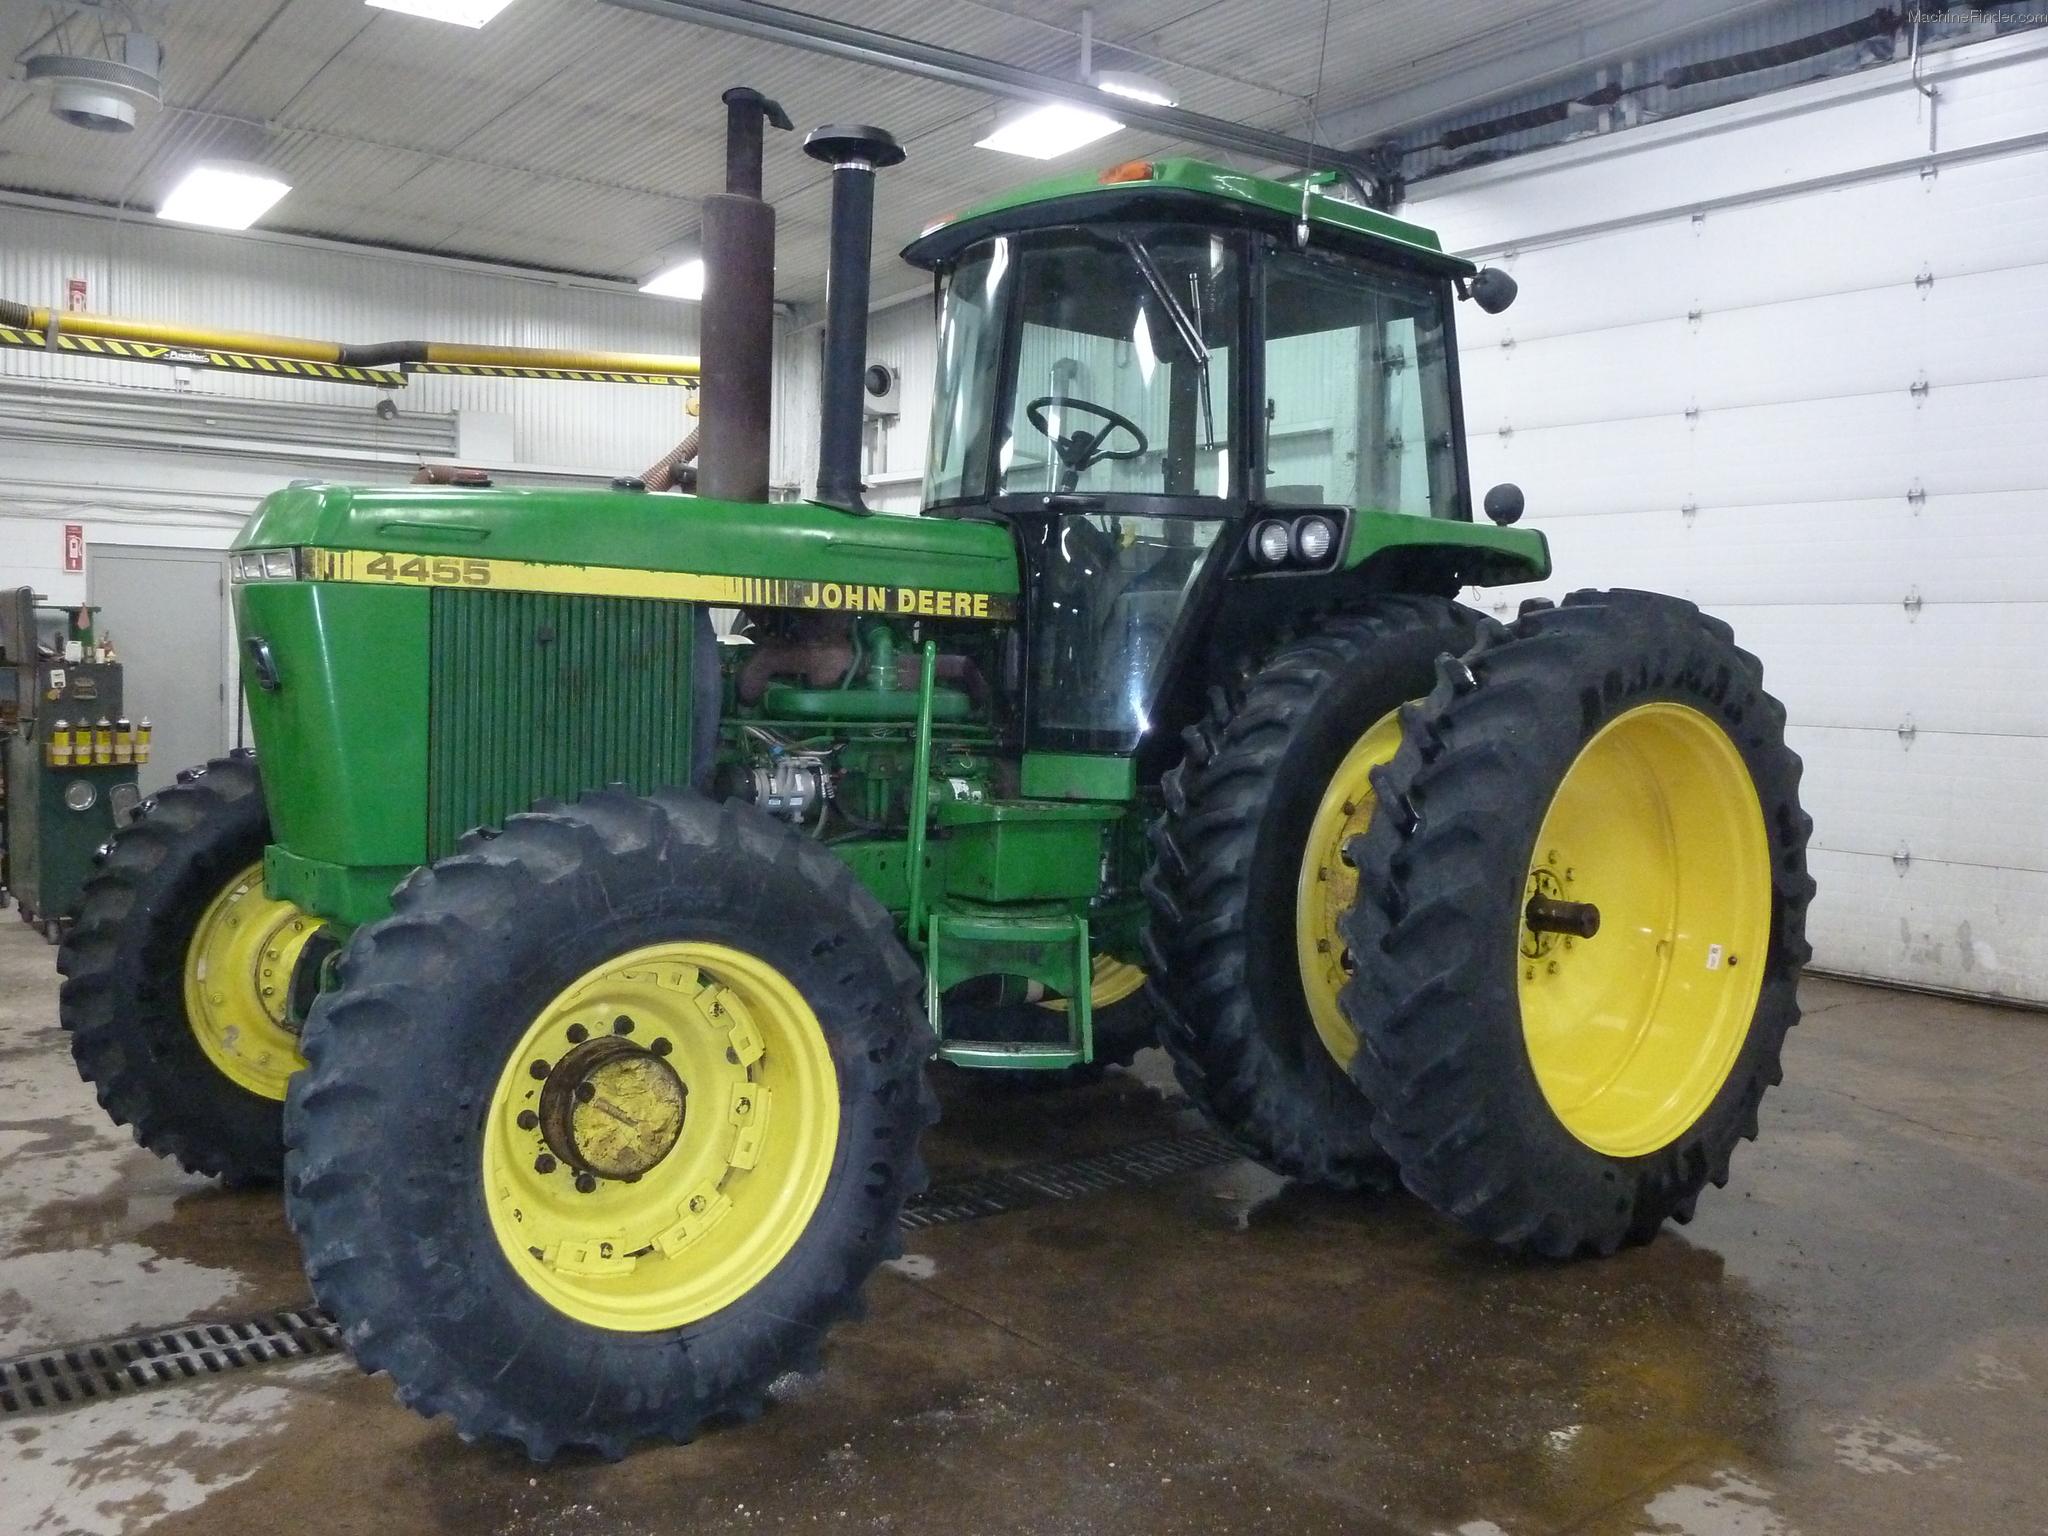 1992 John Deere 4455 Tractors - Row Crop (+100hp) - John ...